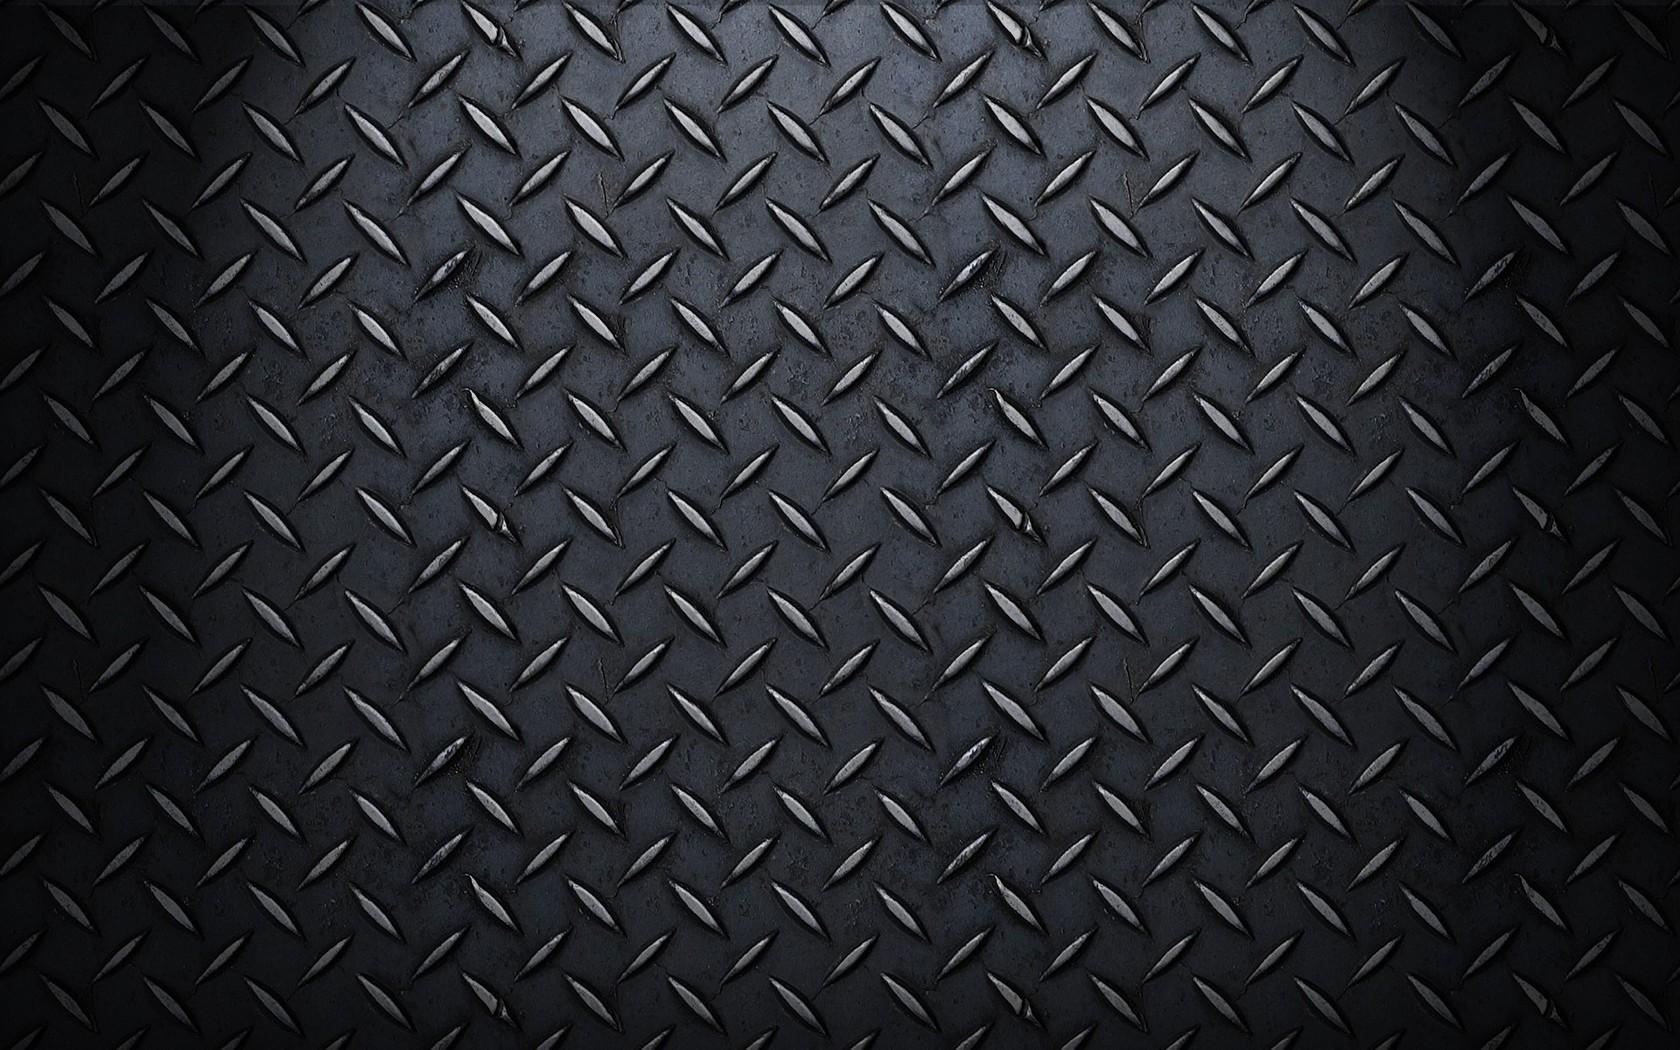 steel-pattern-13546.jpg